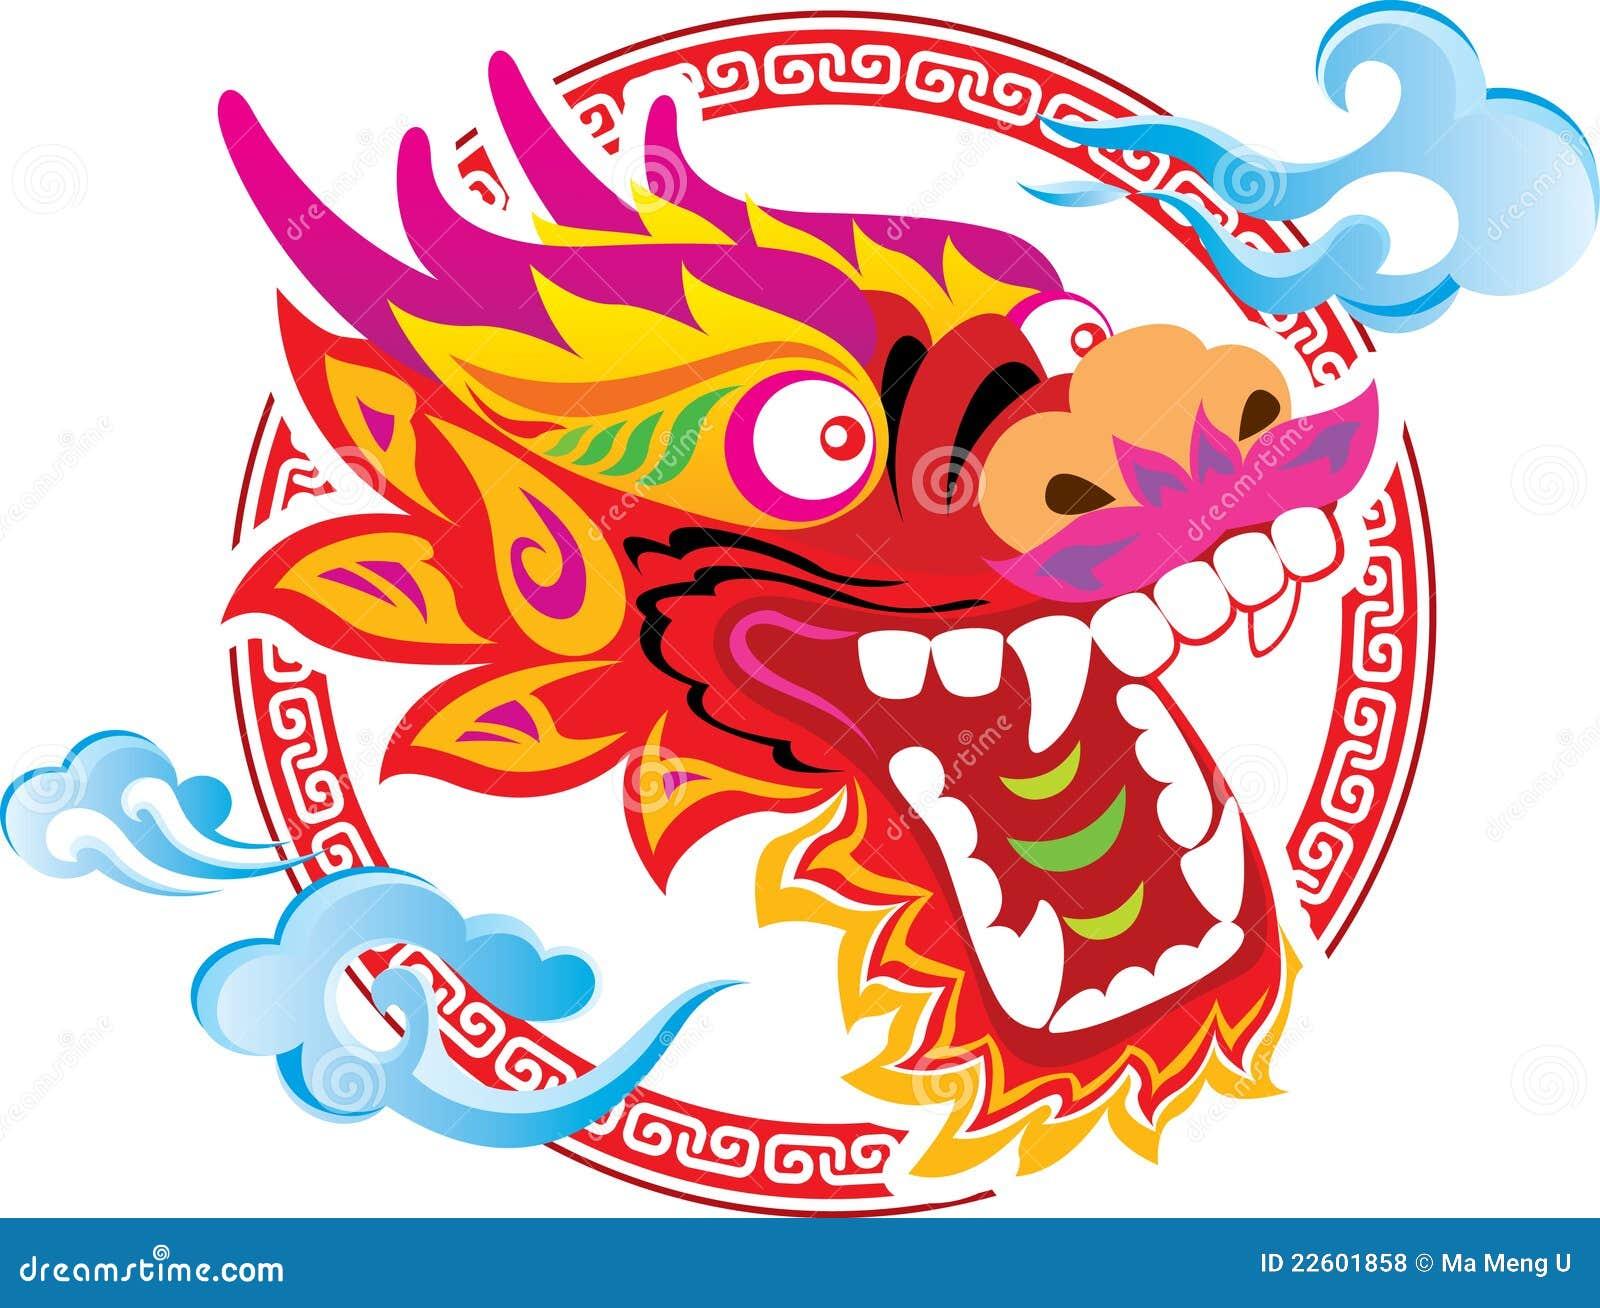 Conception Chinoise D Art De Tête De Dragon De Couleur Illustration